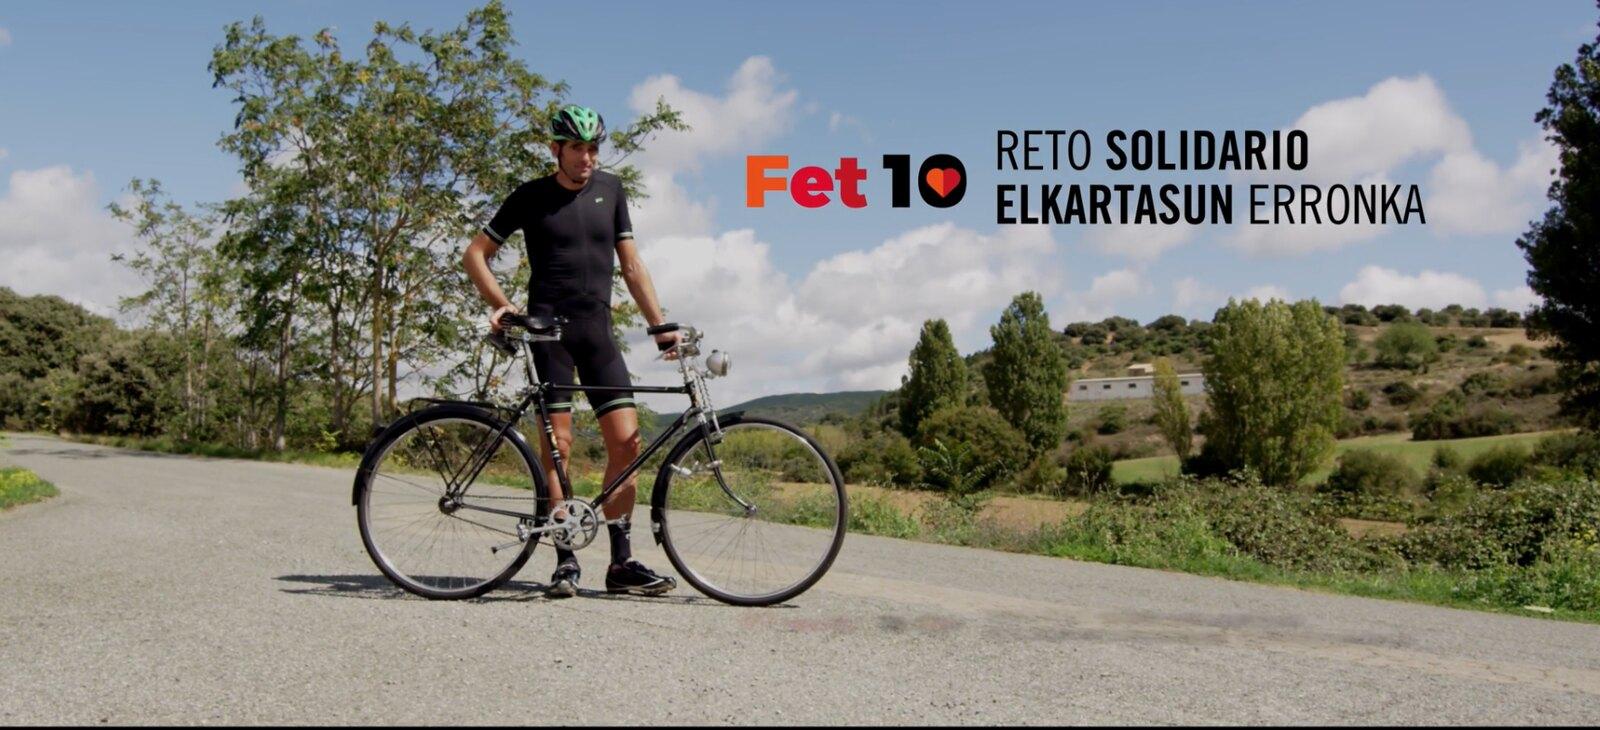 Reto Solidario FET 10 Elkartasun Erronka